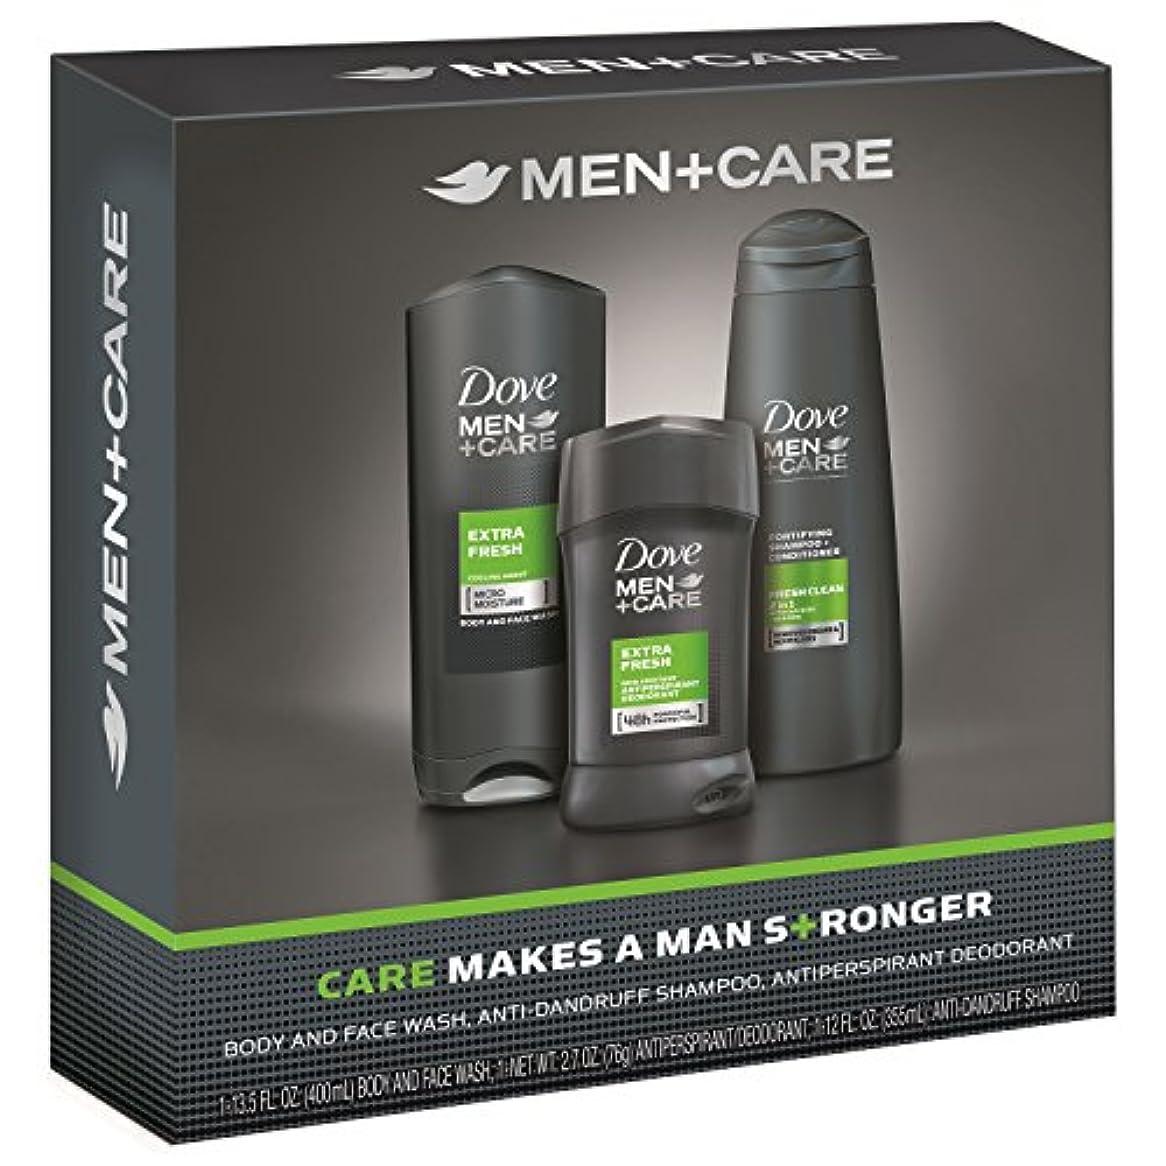 わずかに電圧賢明なDove Men+Care Gift Pack Extra Fresh ダブ メンプラスケア ギフトパック エクストラフレッシュ